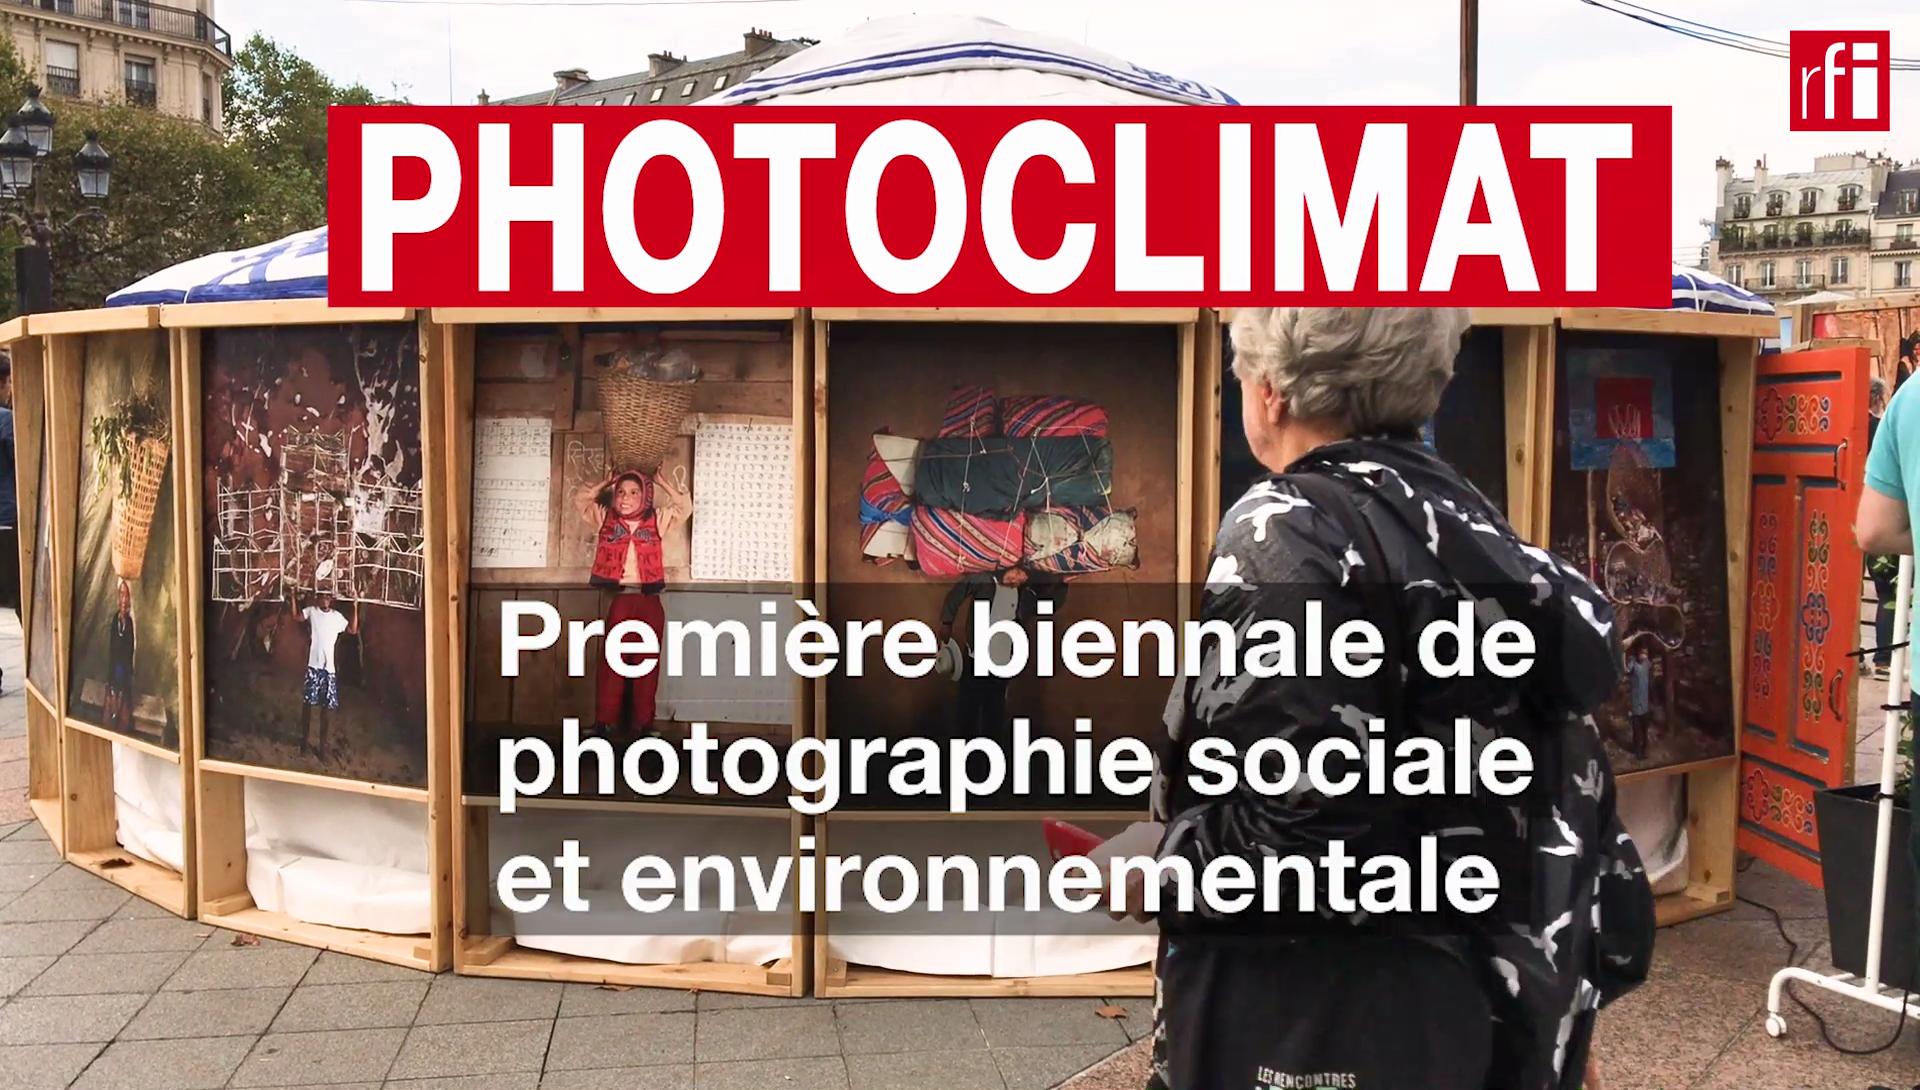 Photoclimat 2021, la première biennale de photographie sociale et environnementale